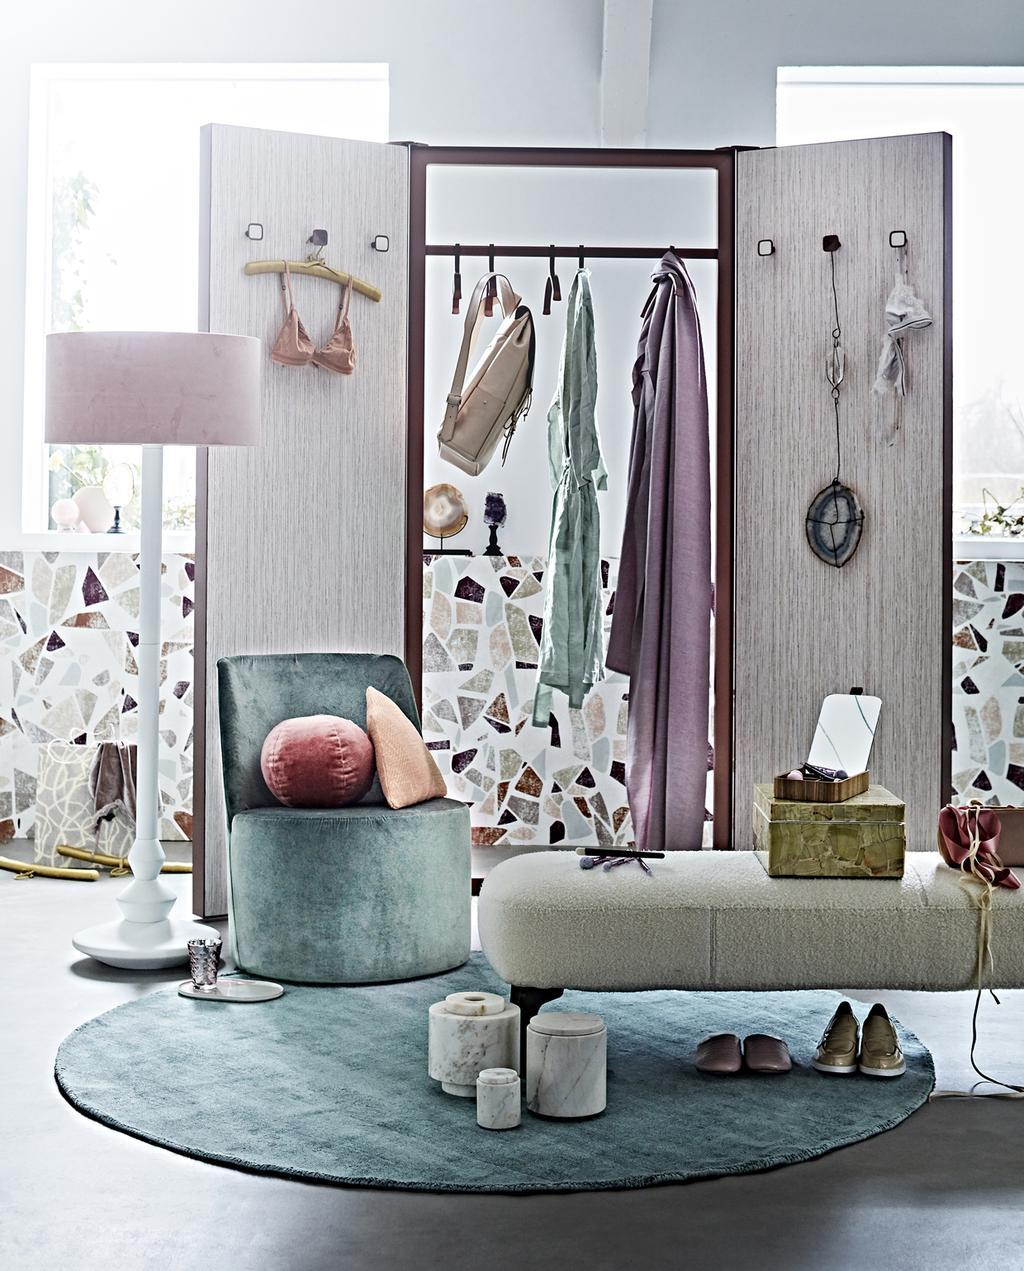 kleurrijke stoel dat zich bevindt in boudoir